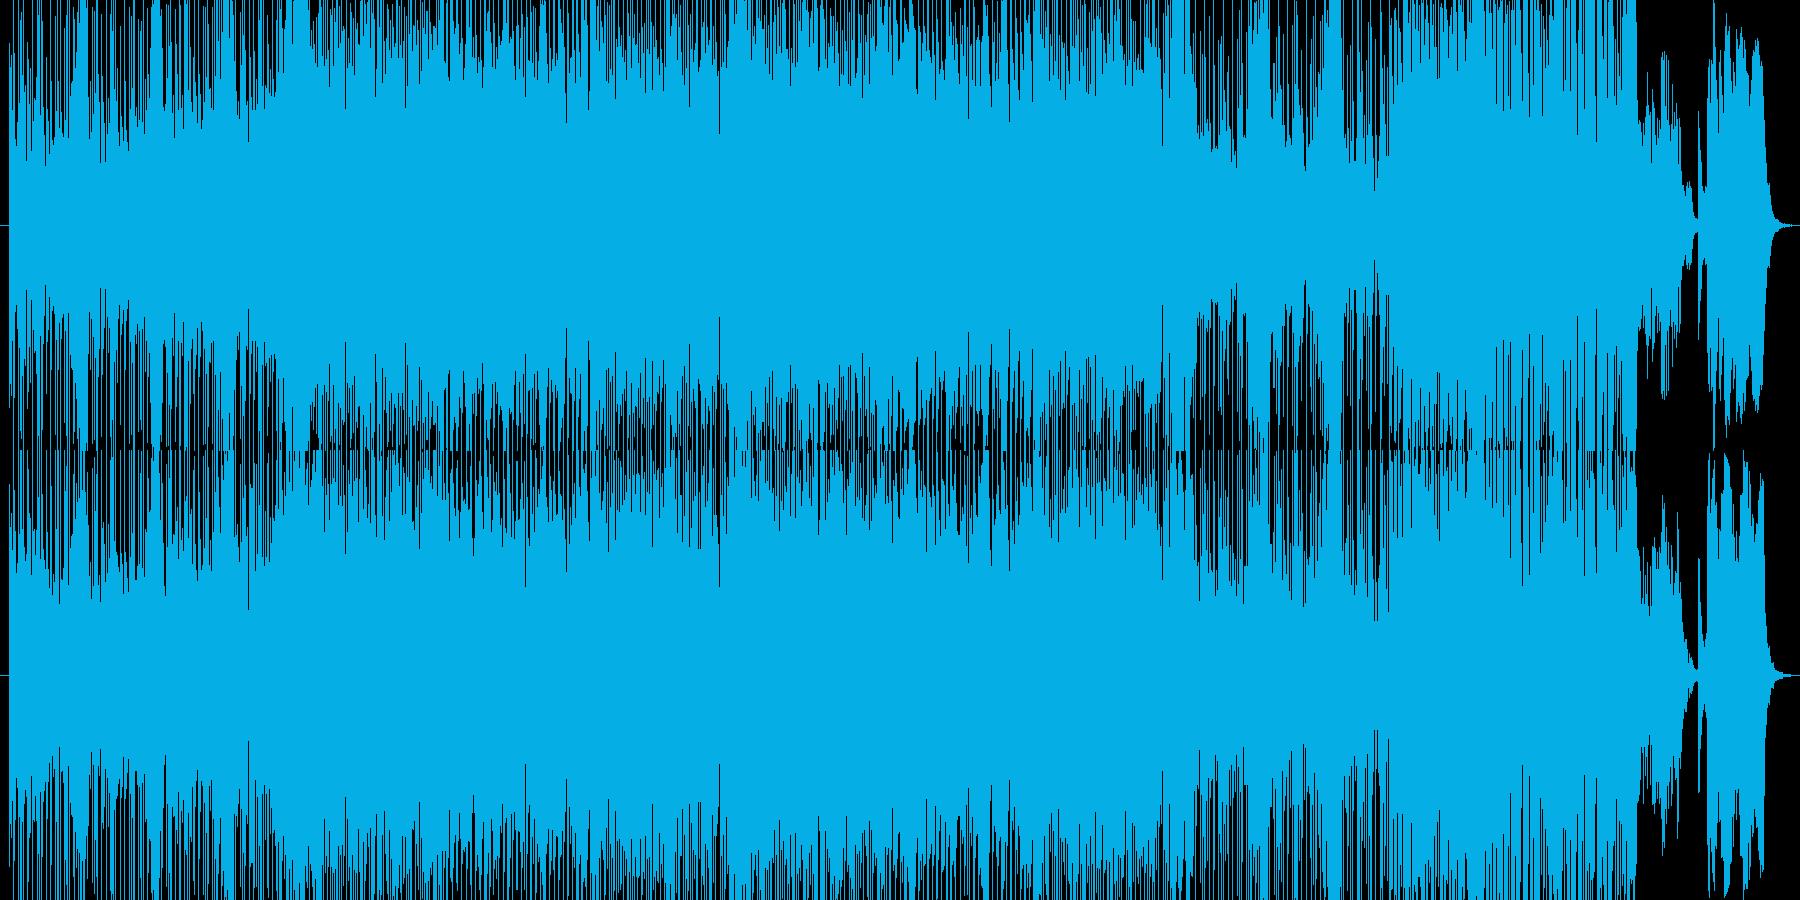 和楽器ロック琴尺八三味線太鼓の再生済みの波形